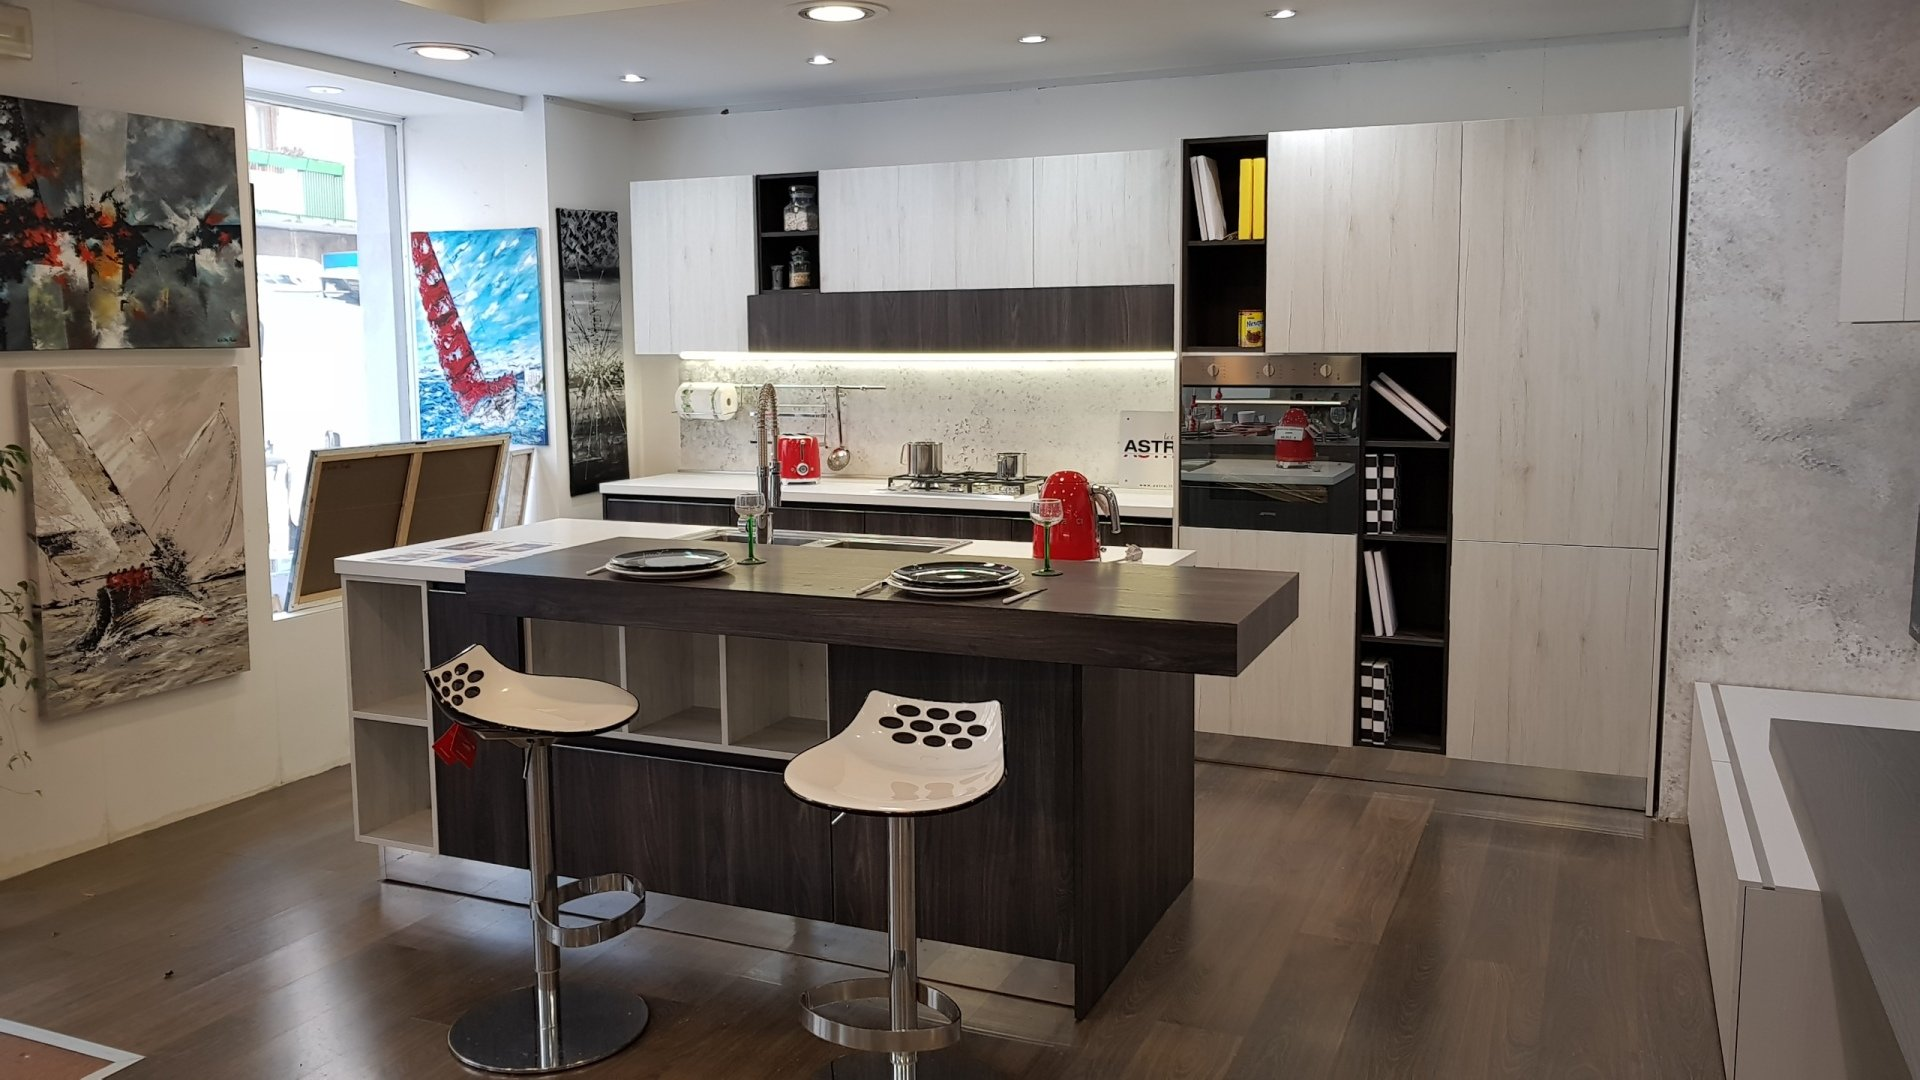 Cucina Moderna A Trieste.Cucine Componibili Vendita Trieste Mobili Baa